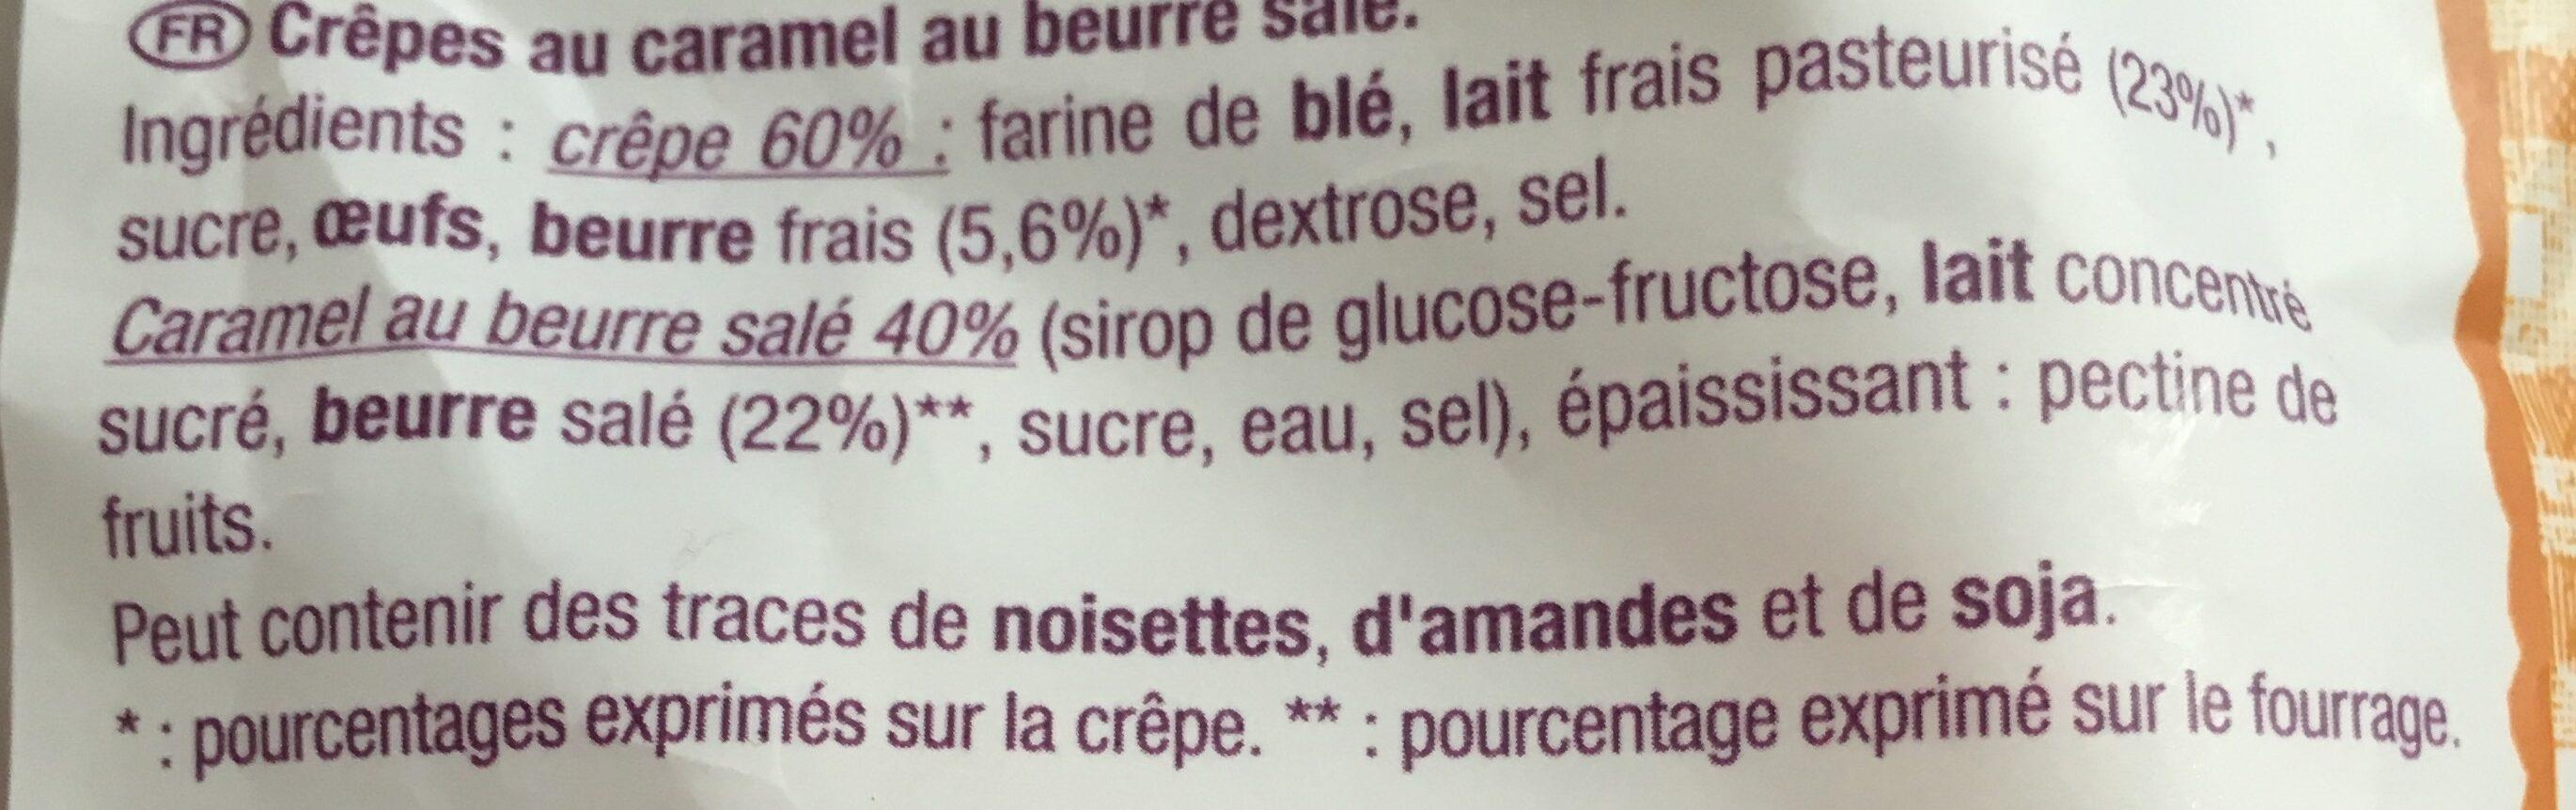 Crêpes au caramel au beurre salé - Ingrédients - fr